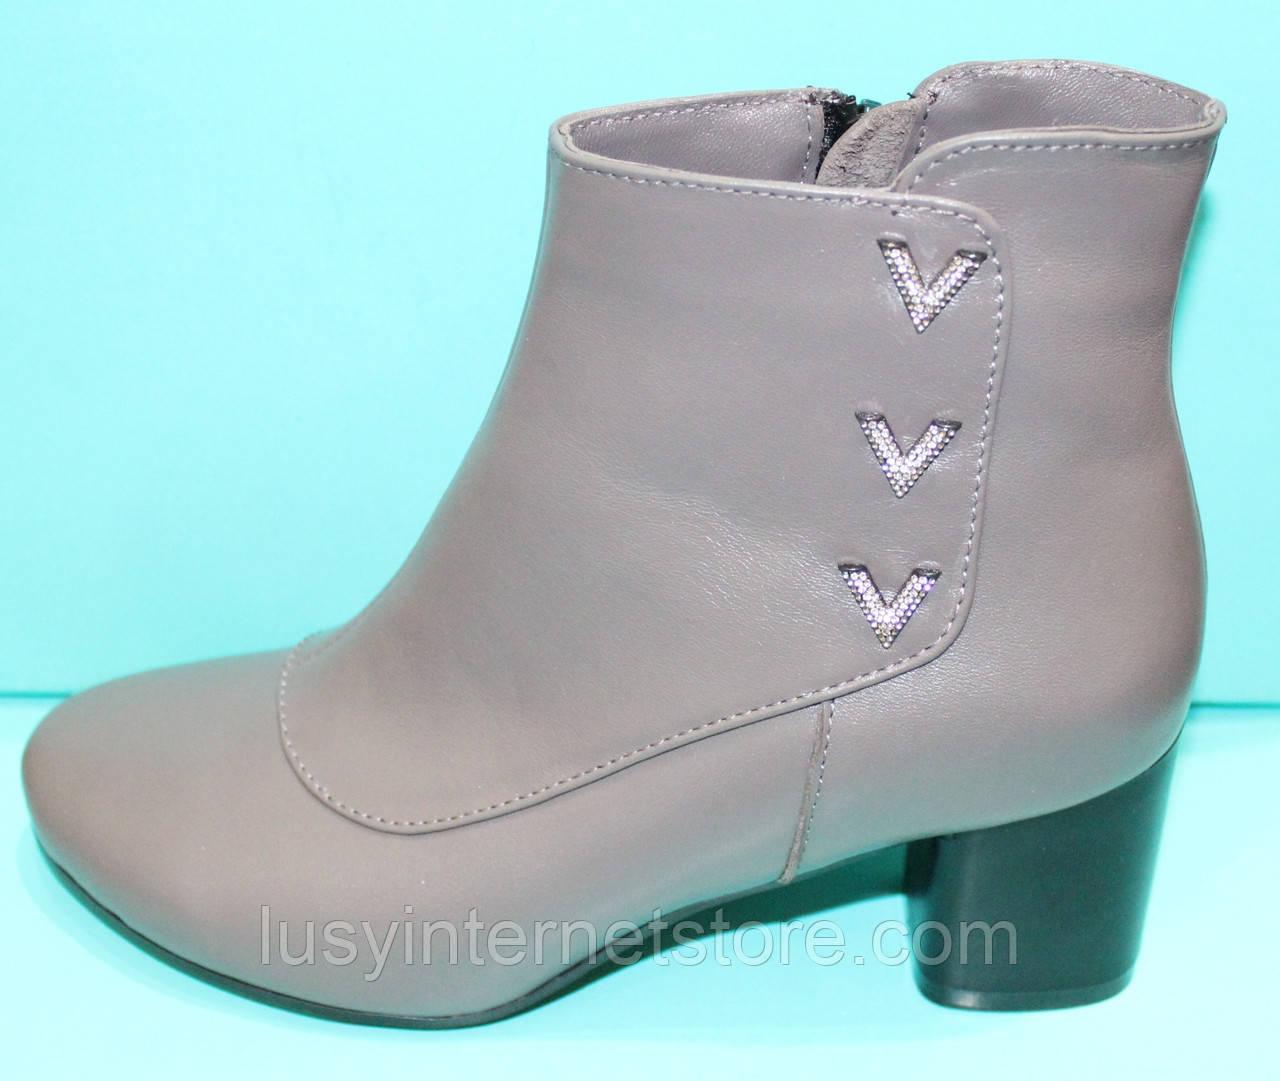 Ботинки женские кожаные демисезонные на каблуке от производителя модель КС13Б